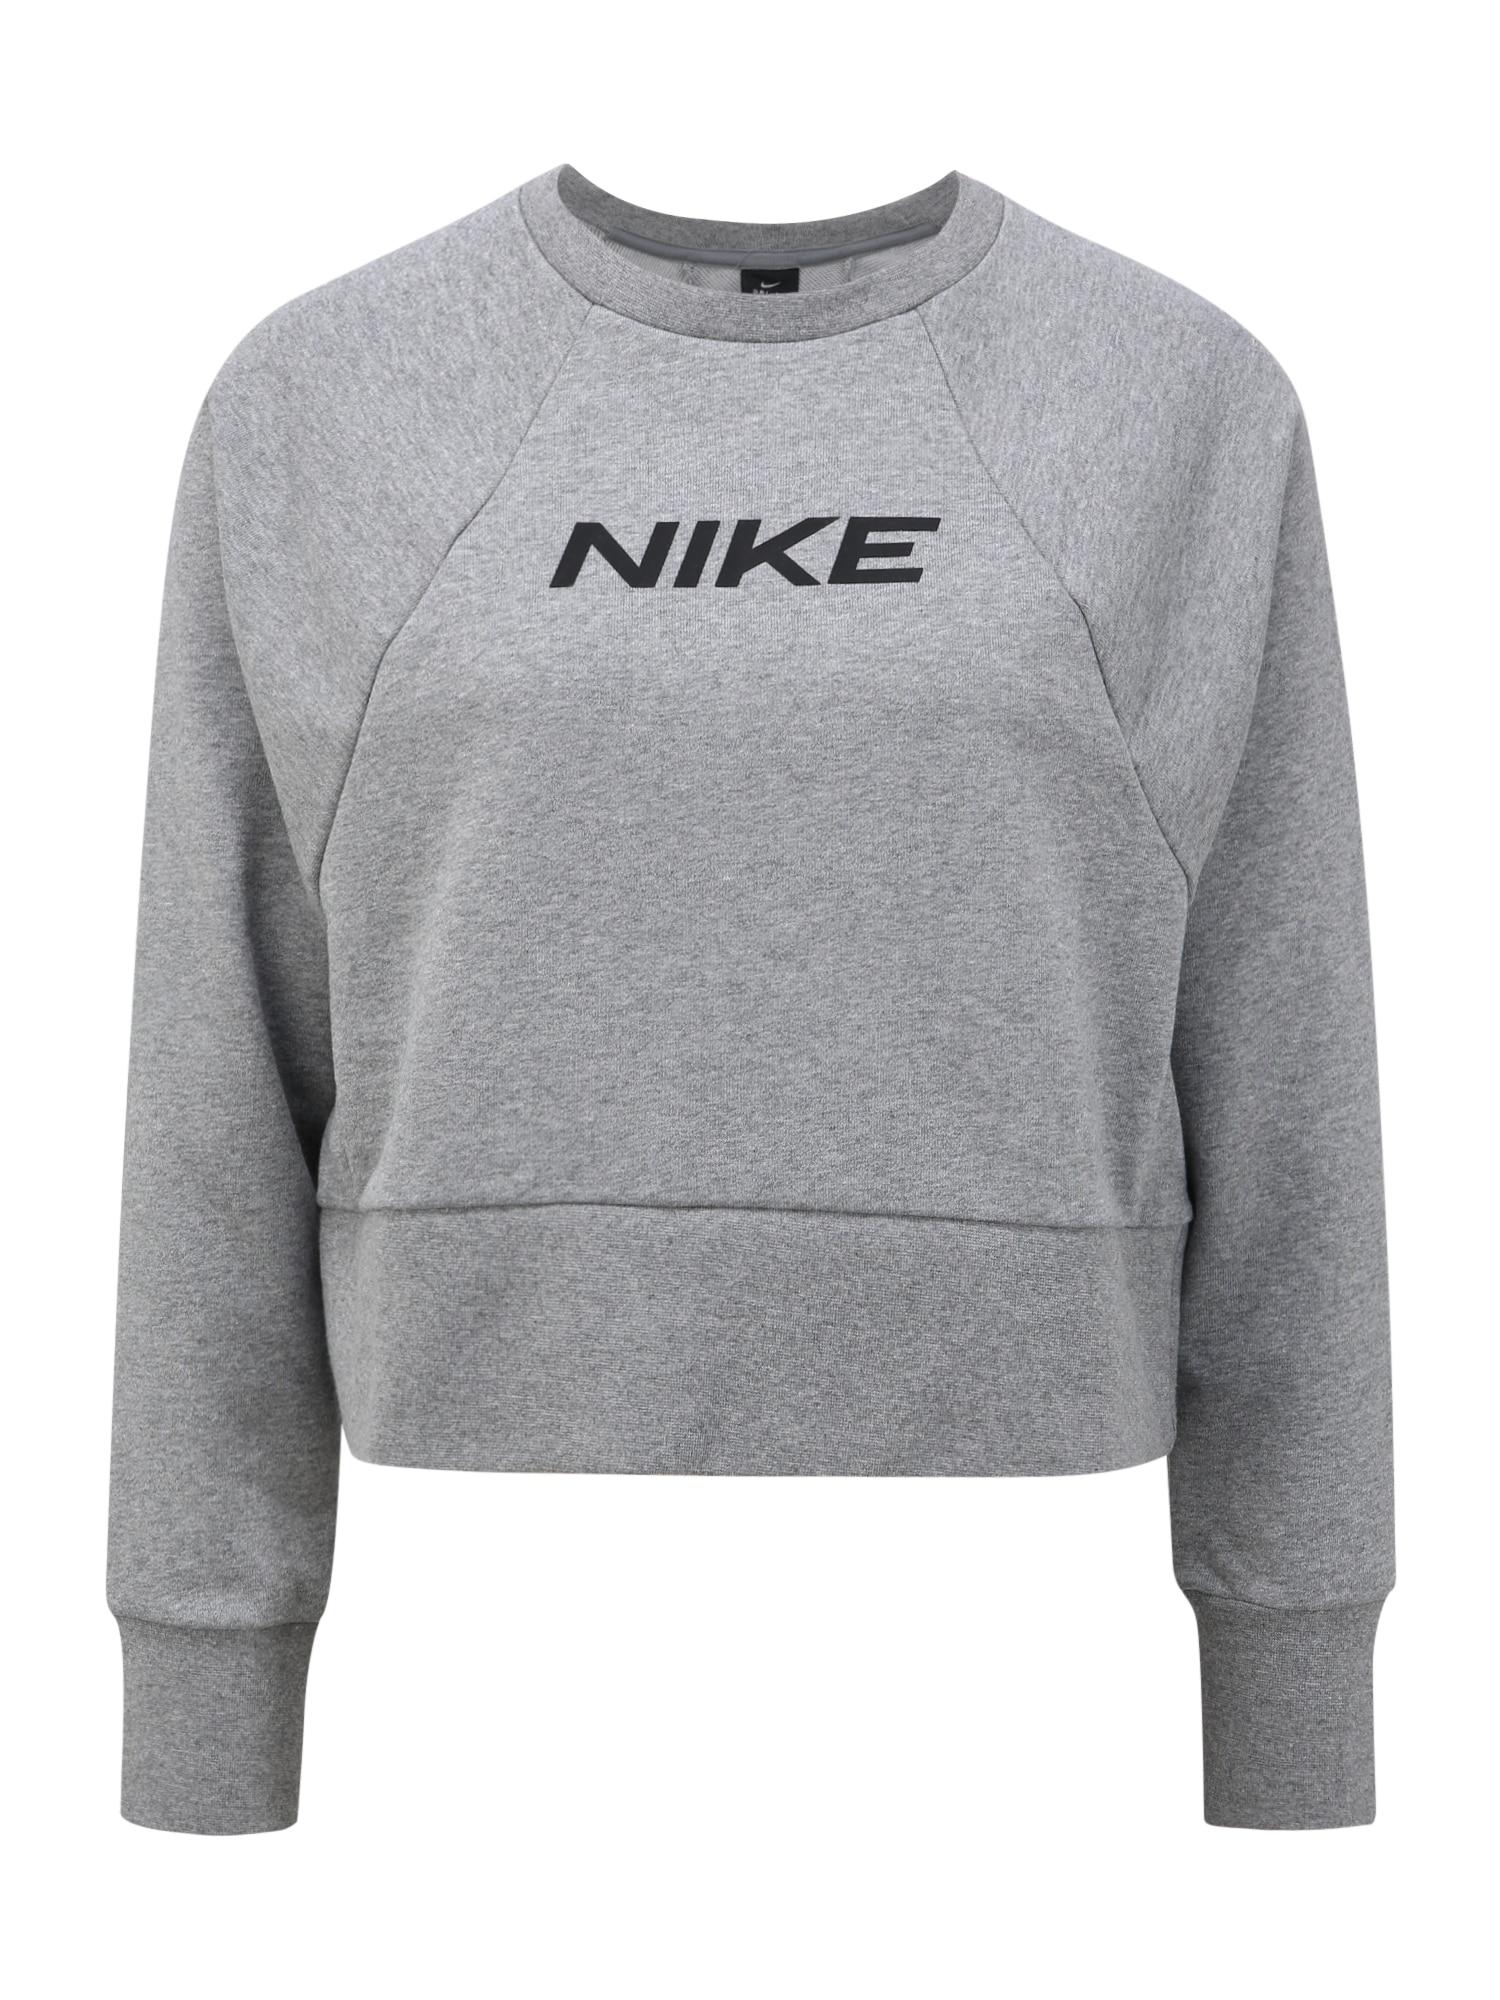 NIKE Sportinio tipo megztinis 'Get Fit' juoda / pilka